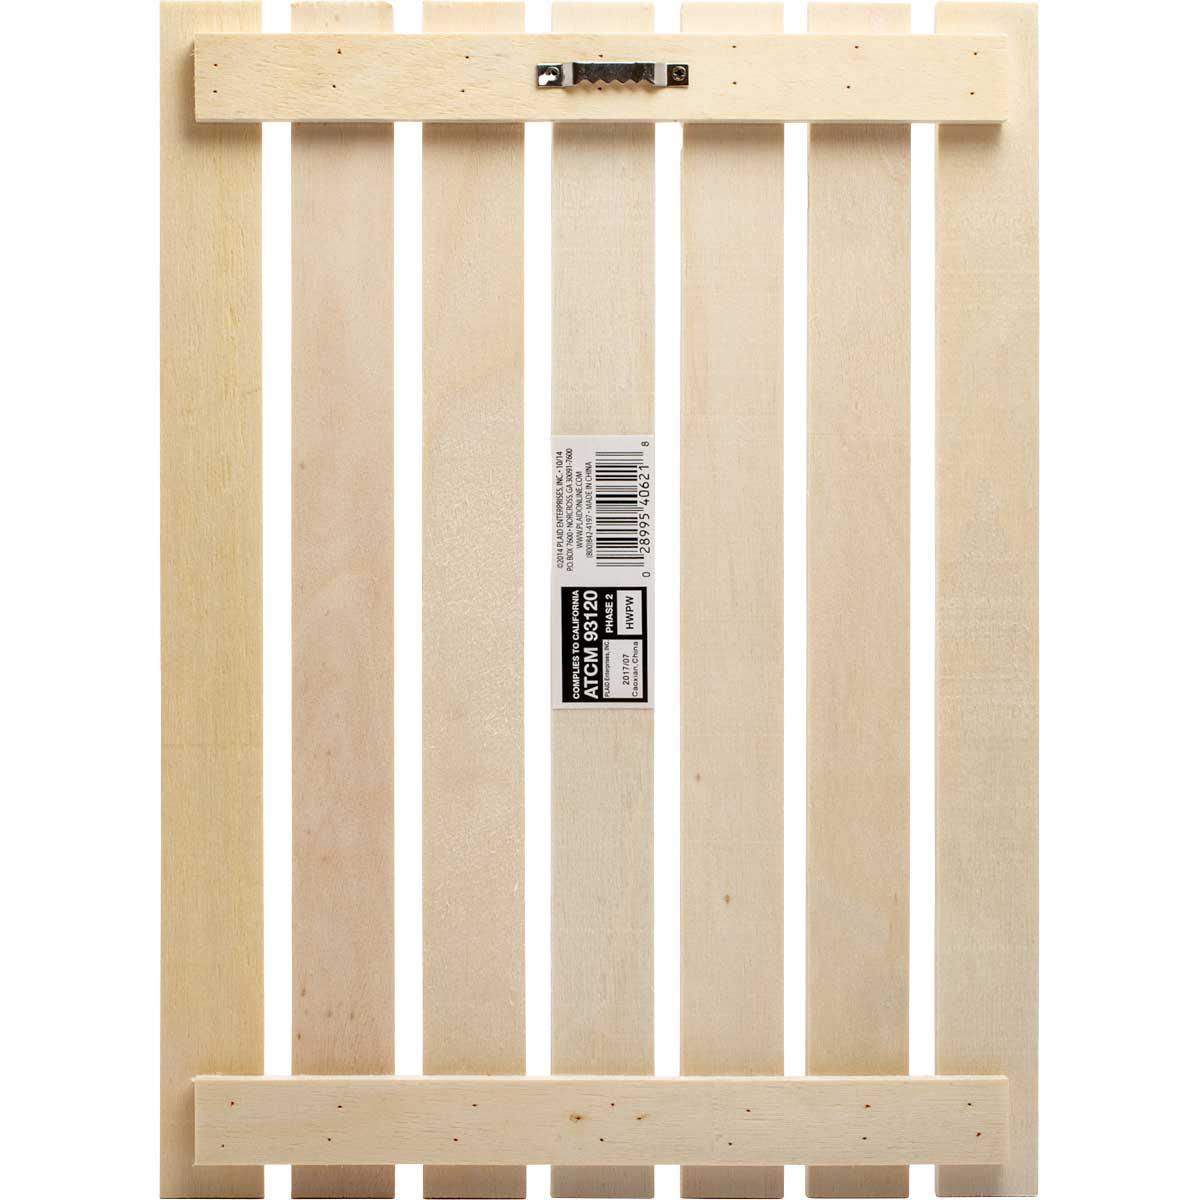 Plaid ® Wood Surfaces - Pallet Plaque, 9-1/2